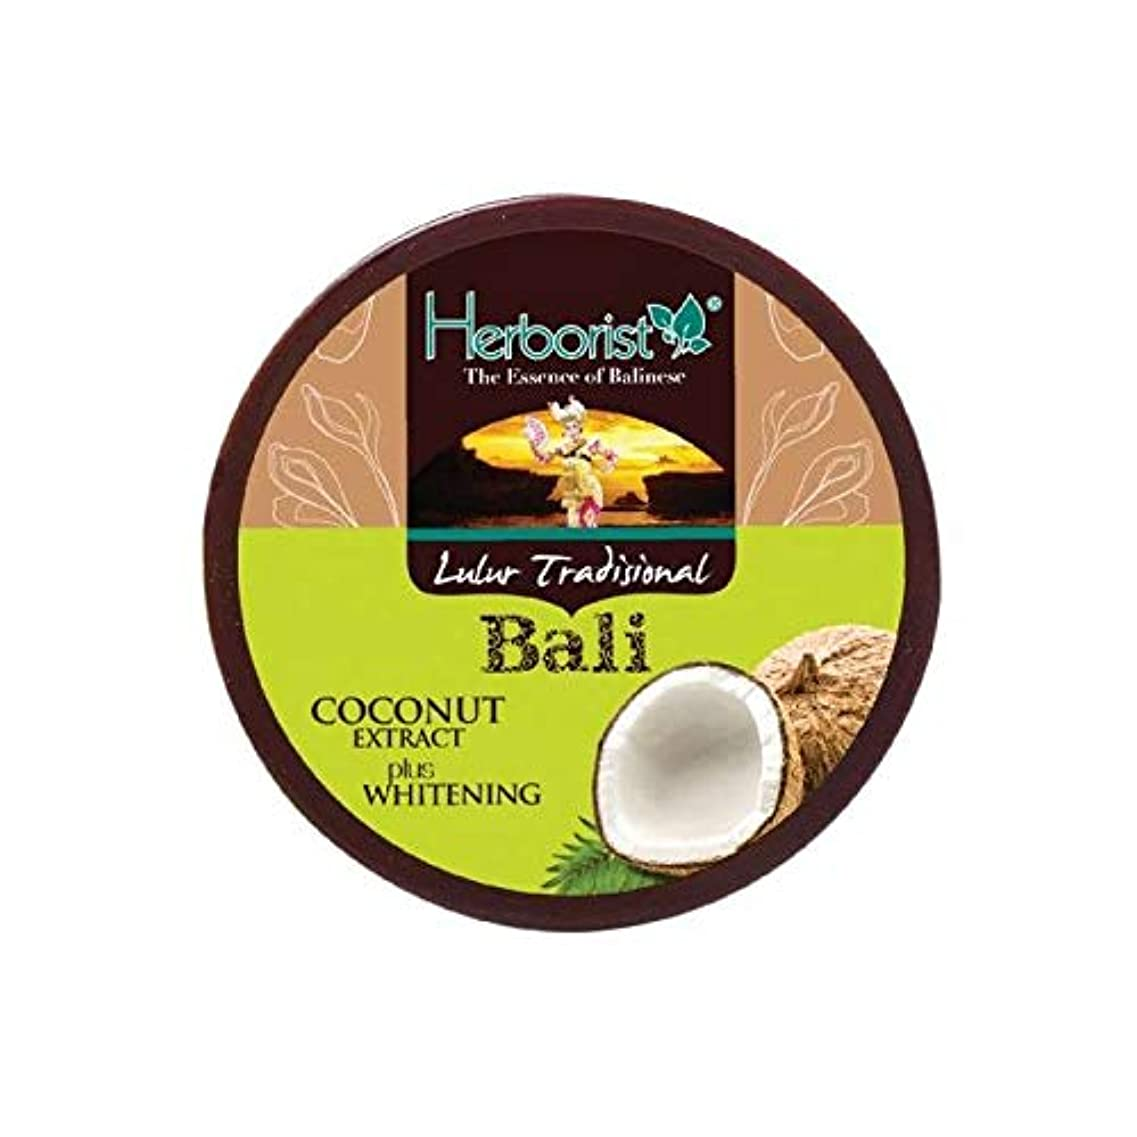 生息地主要な改善するHerborist ハーボリスト インドネシアバリ島の伝統的なボディスクラブ Lulur Tradisional Bali ルルールトラディショナルバリ 100g Coconut ココナッツ [海外直送品]